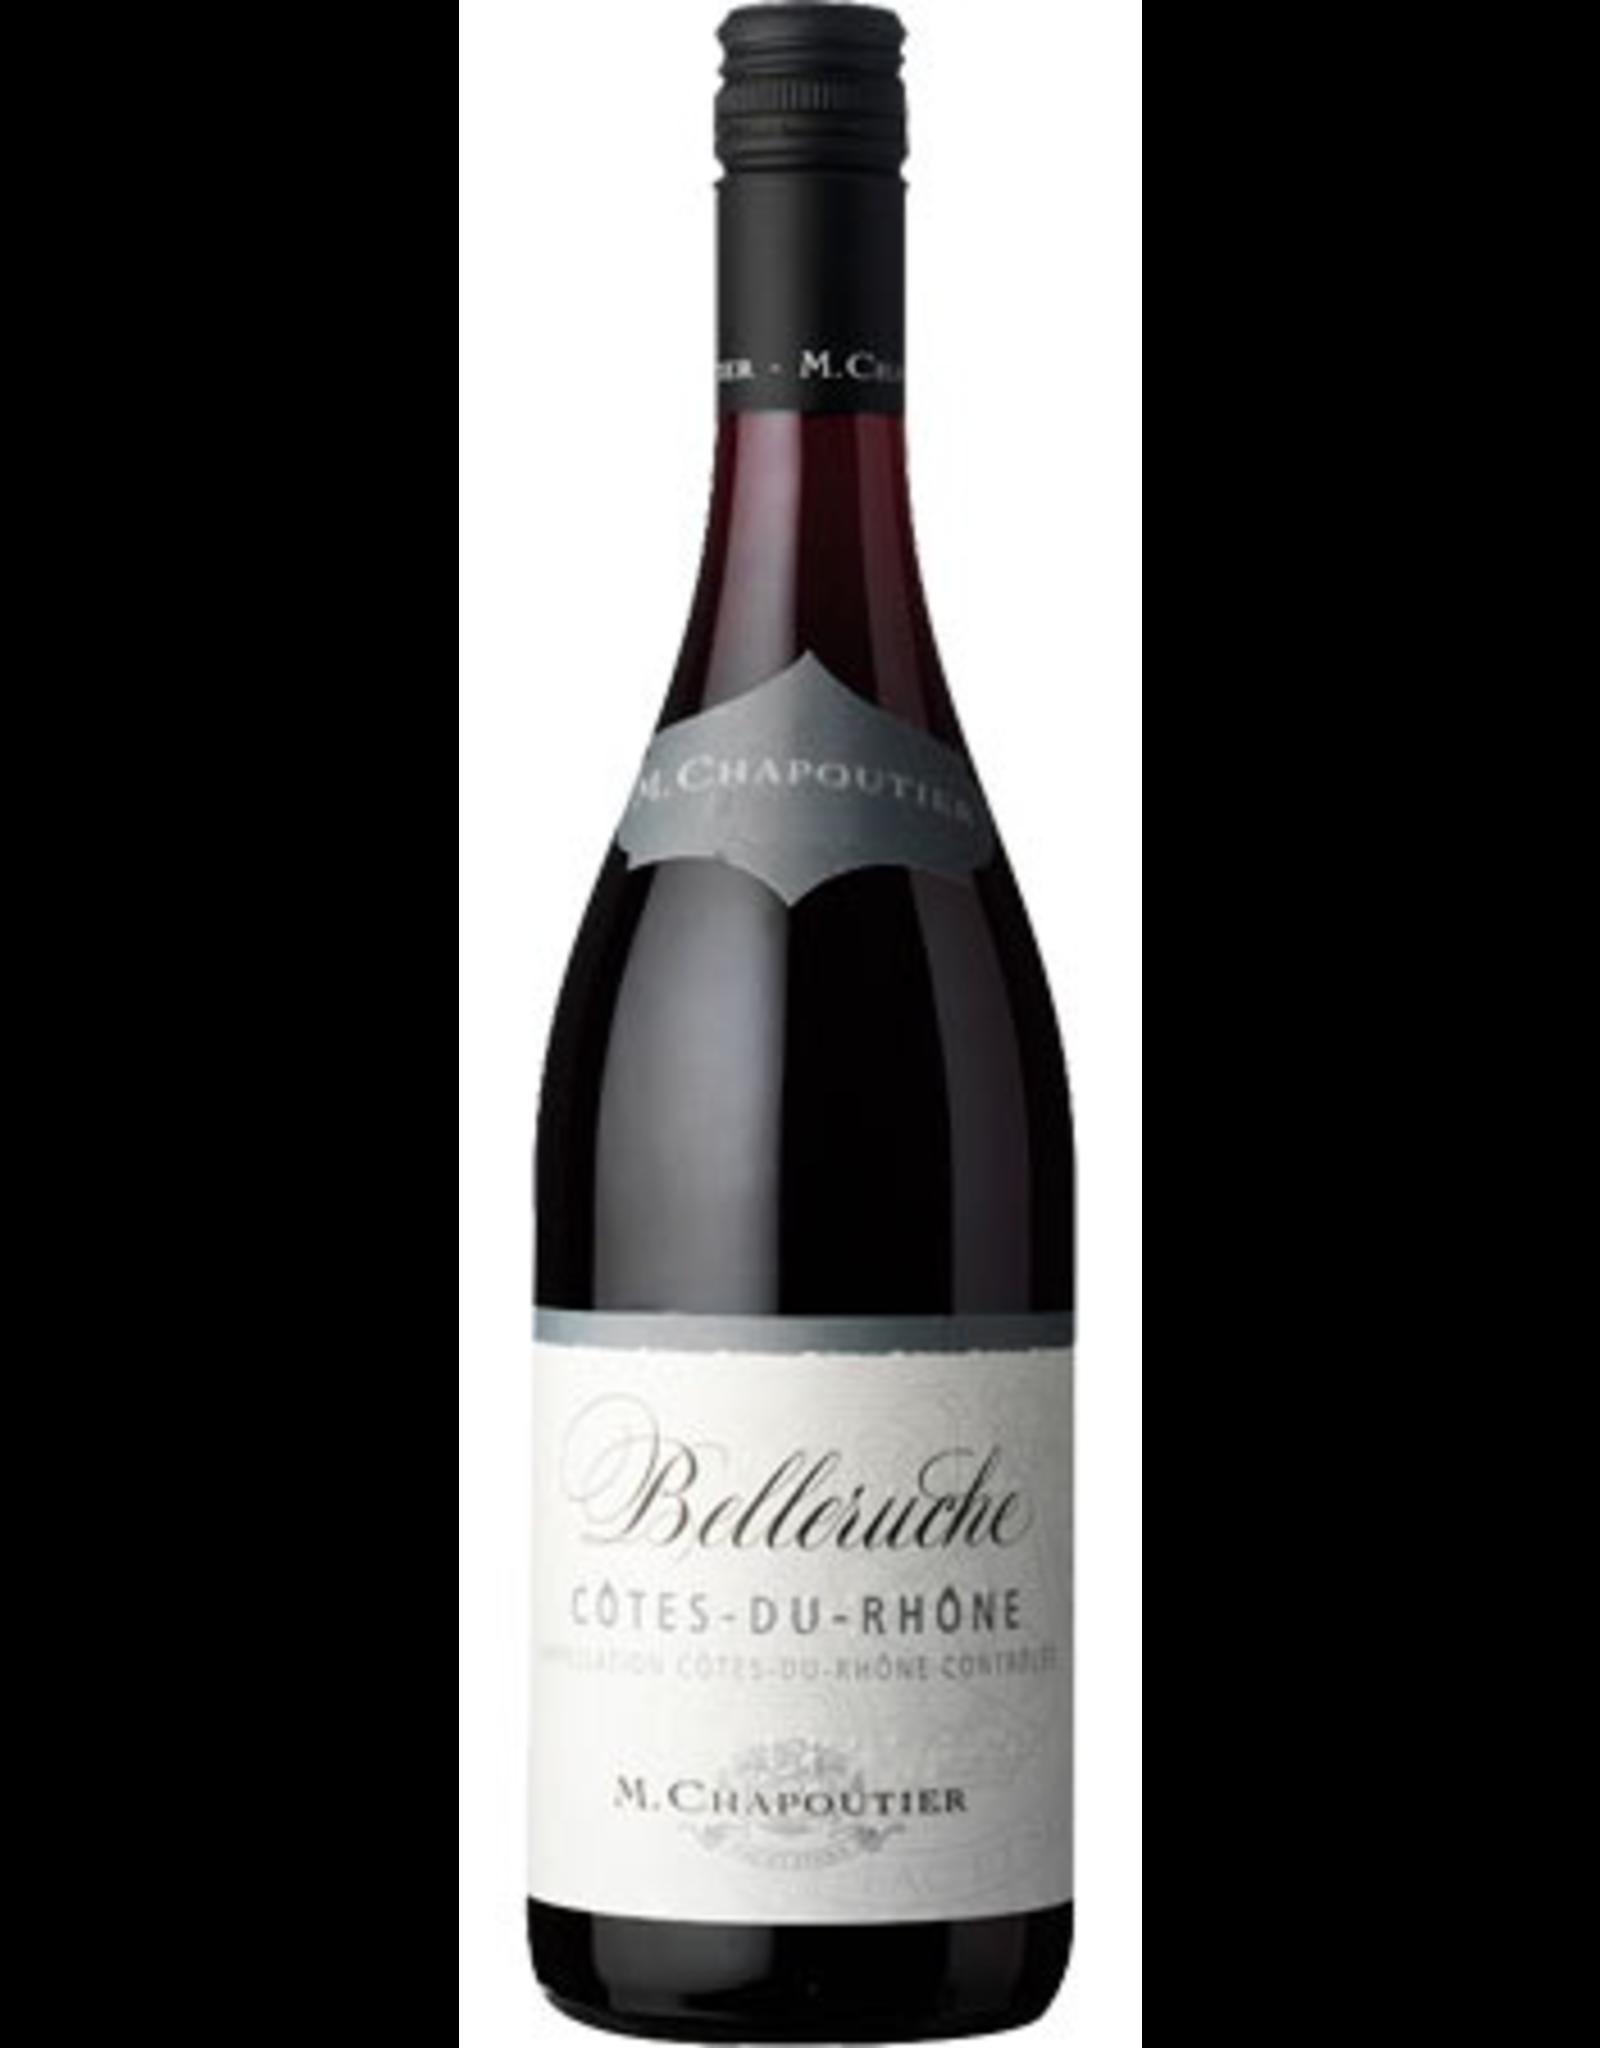 Red Wine 2017, M. Chapoutier Cotes-Du-Rhone Belleruche, Red Rhone Blend Grenache/Syrah, Cotes Du Rhone, Southern Rhone, France, 14% Alc, CTnr JS89